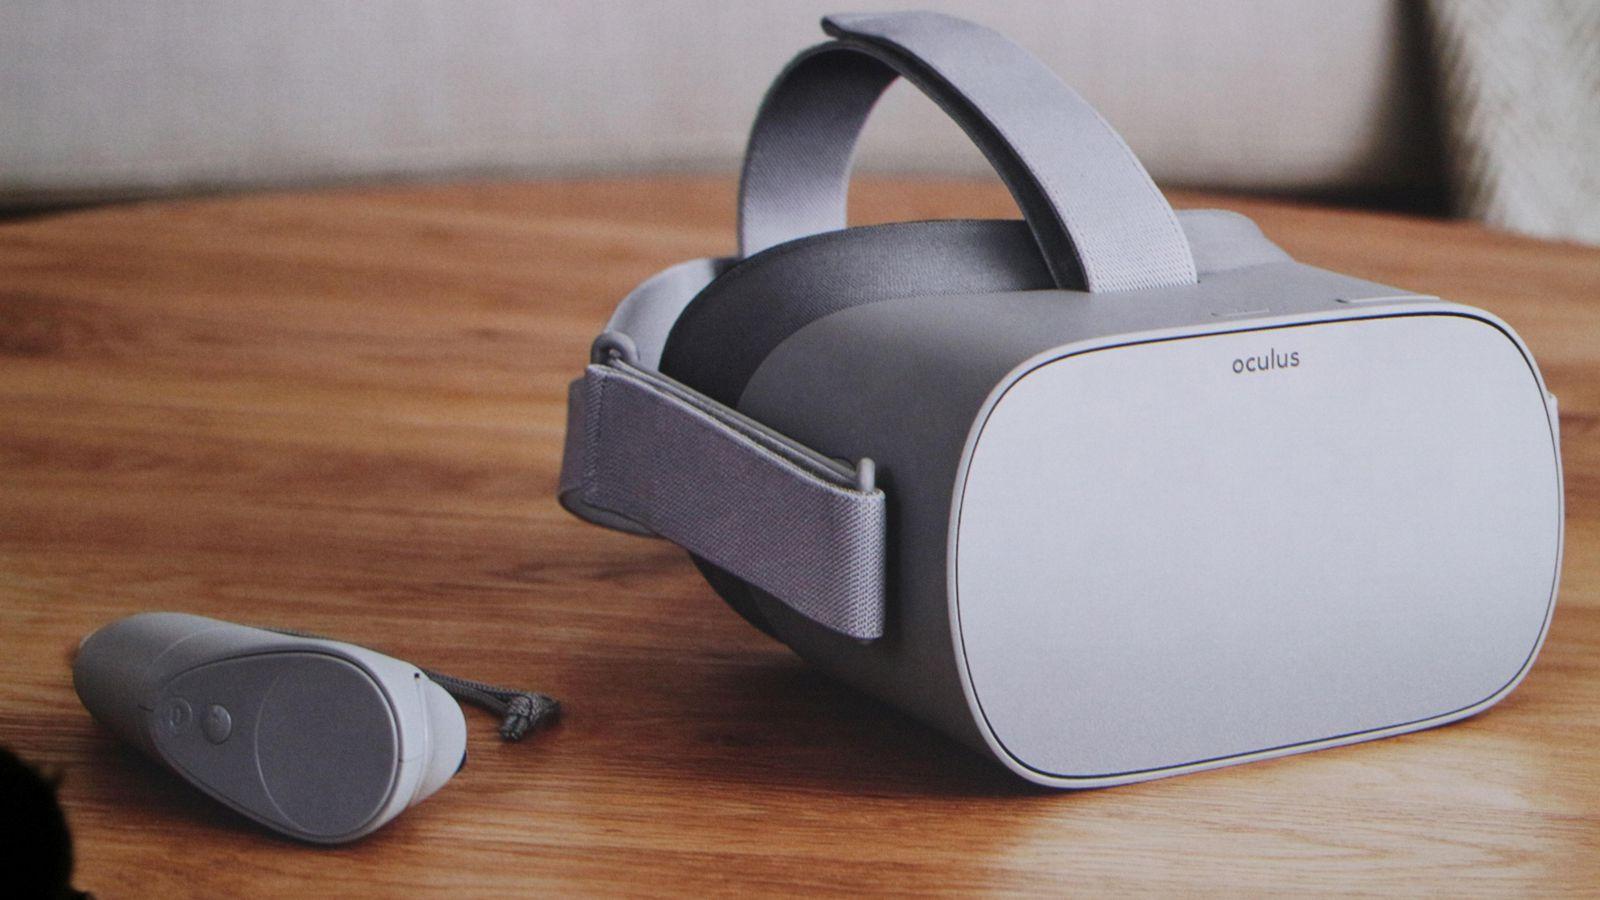 Facebook ra mắt kính thực tế ảo độc lập Oculus Go giá 200 USD, không cần kết nối PC hay smartphone